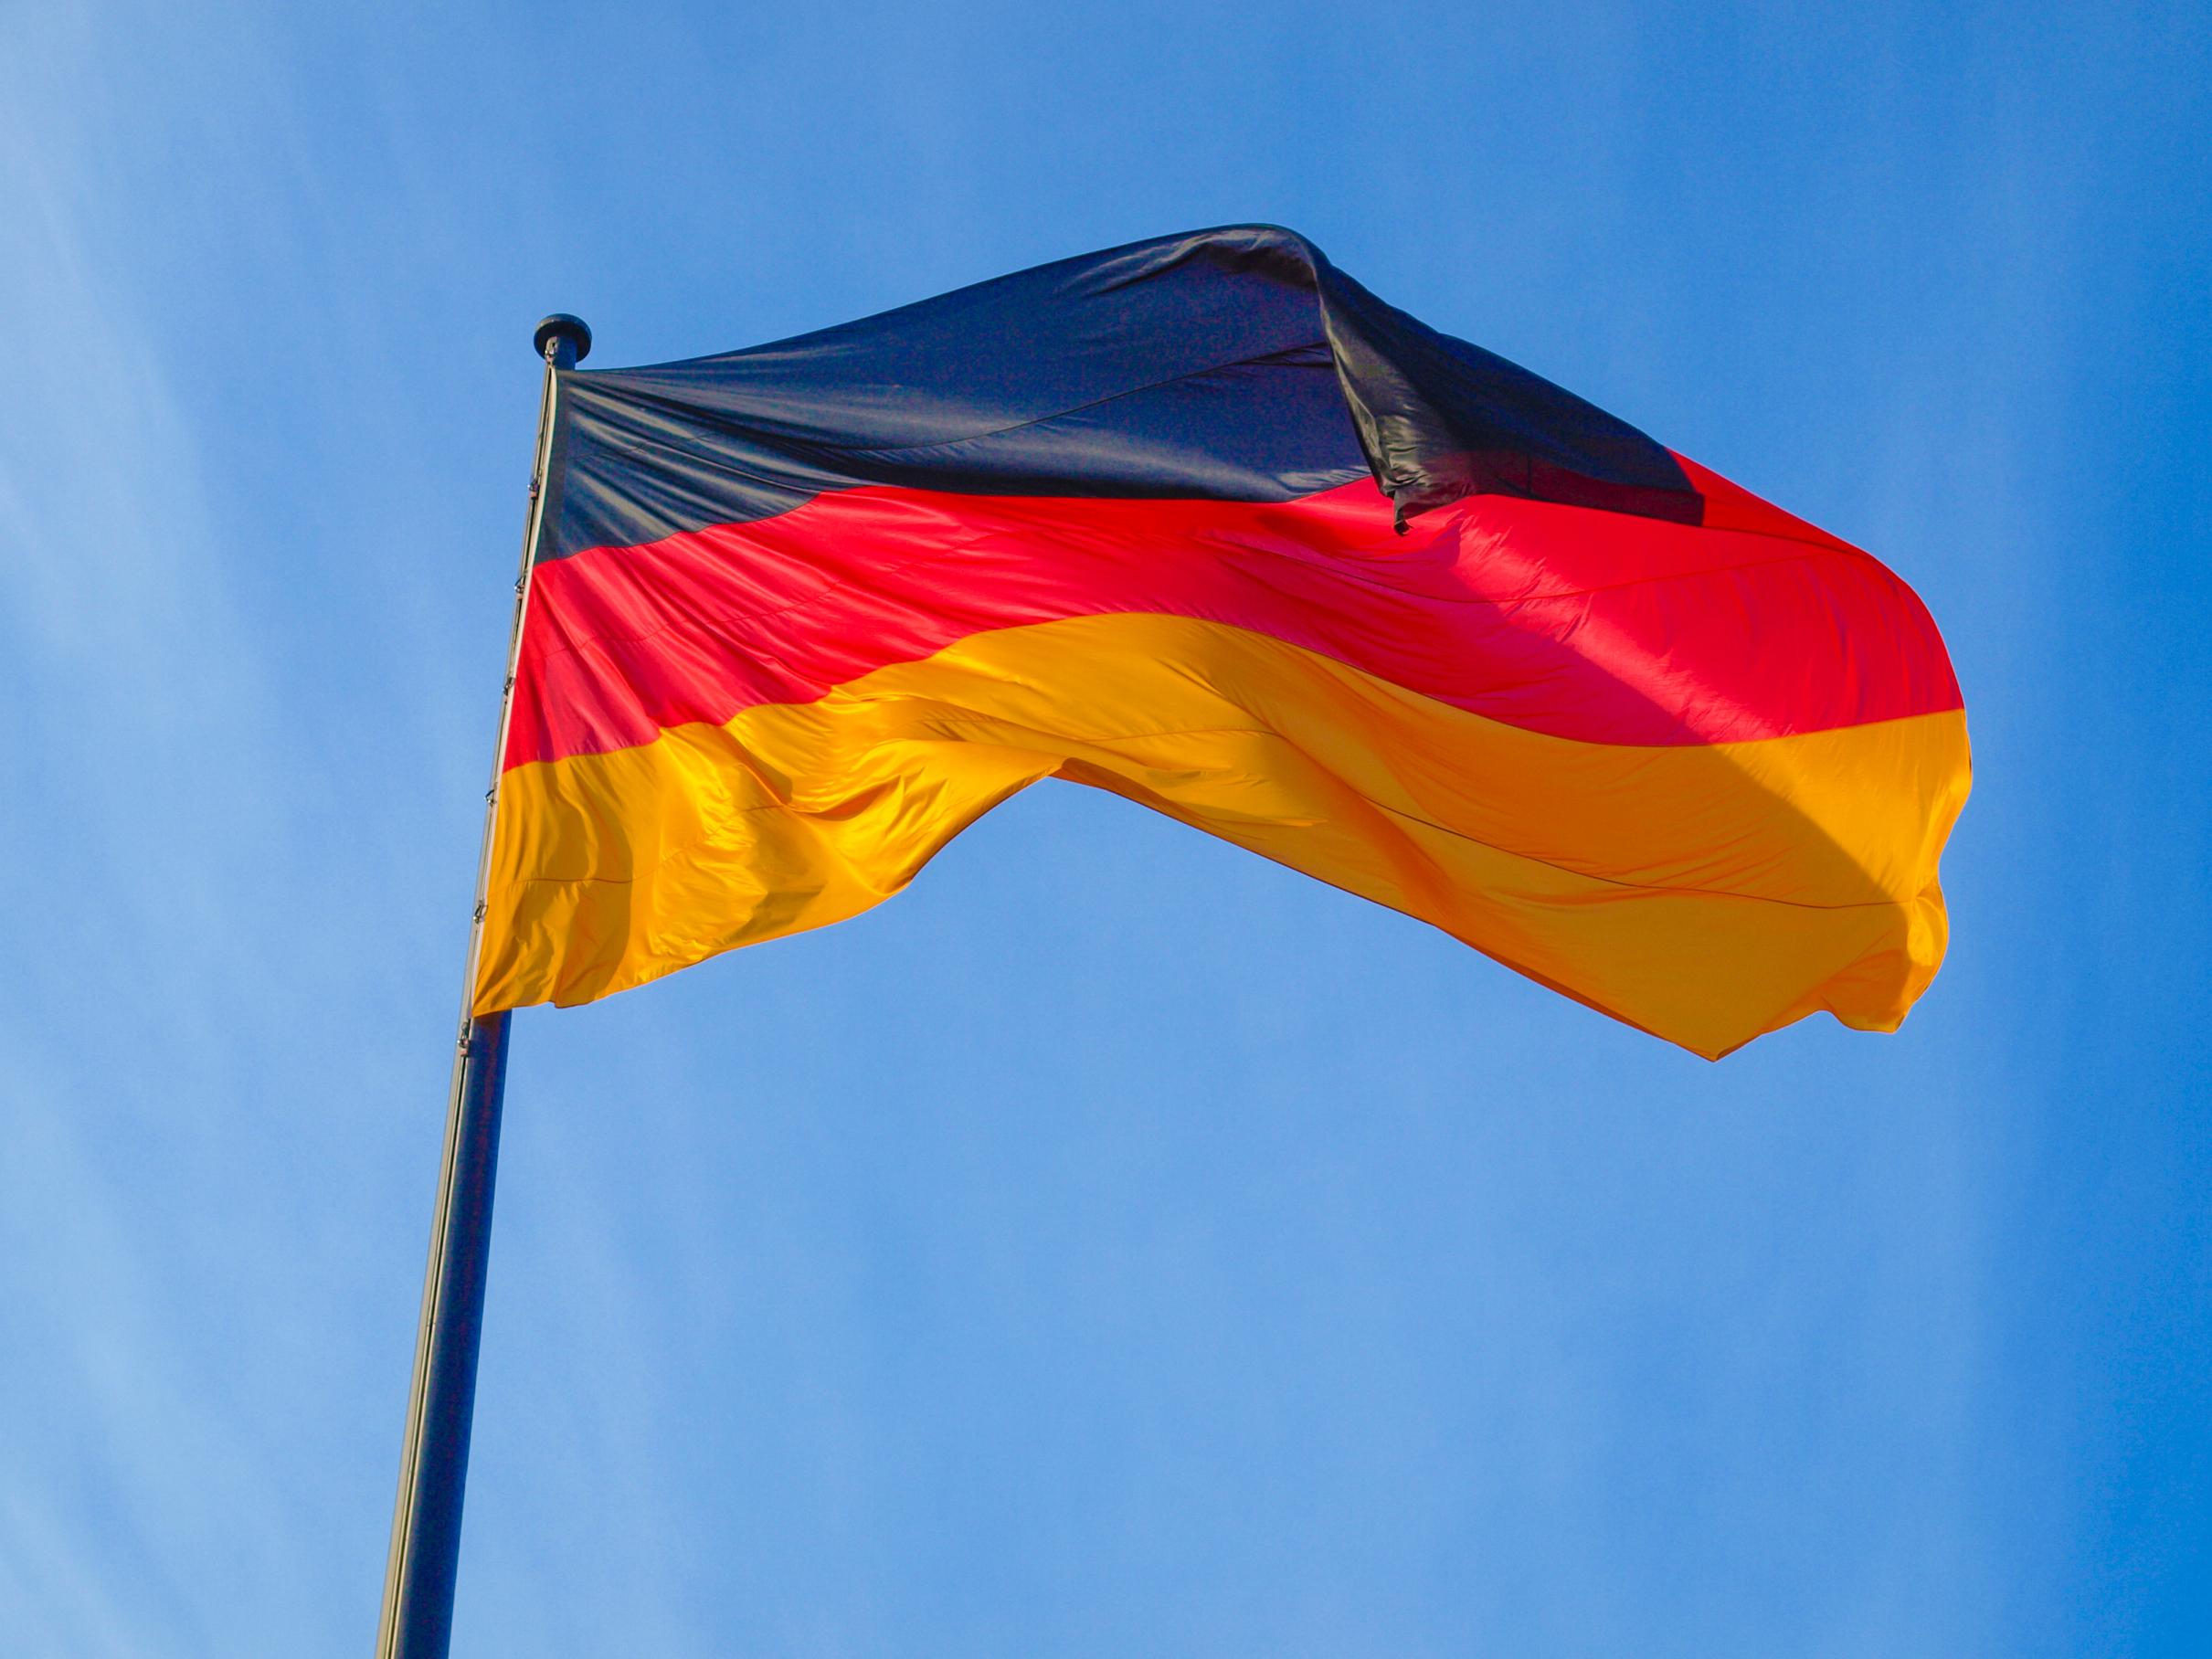 ЗНО 2015: Определены результаты теста по немецкому языку